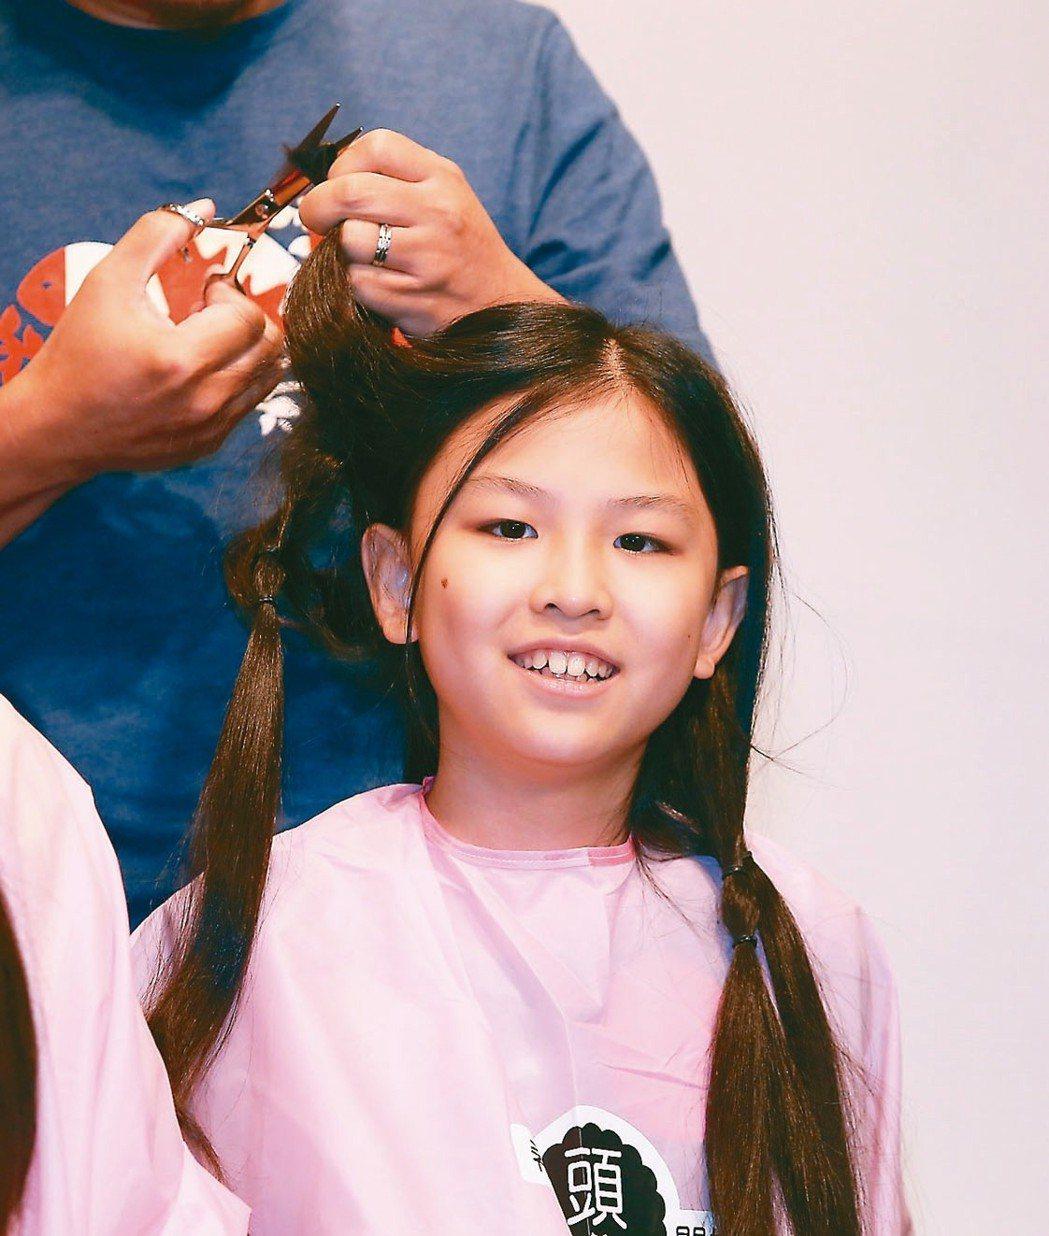 癌症希望基金會舉辦百人捐髮活動,林承澤雖是男生,也蓄髮捐贈。 記者曾原信/攝影